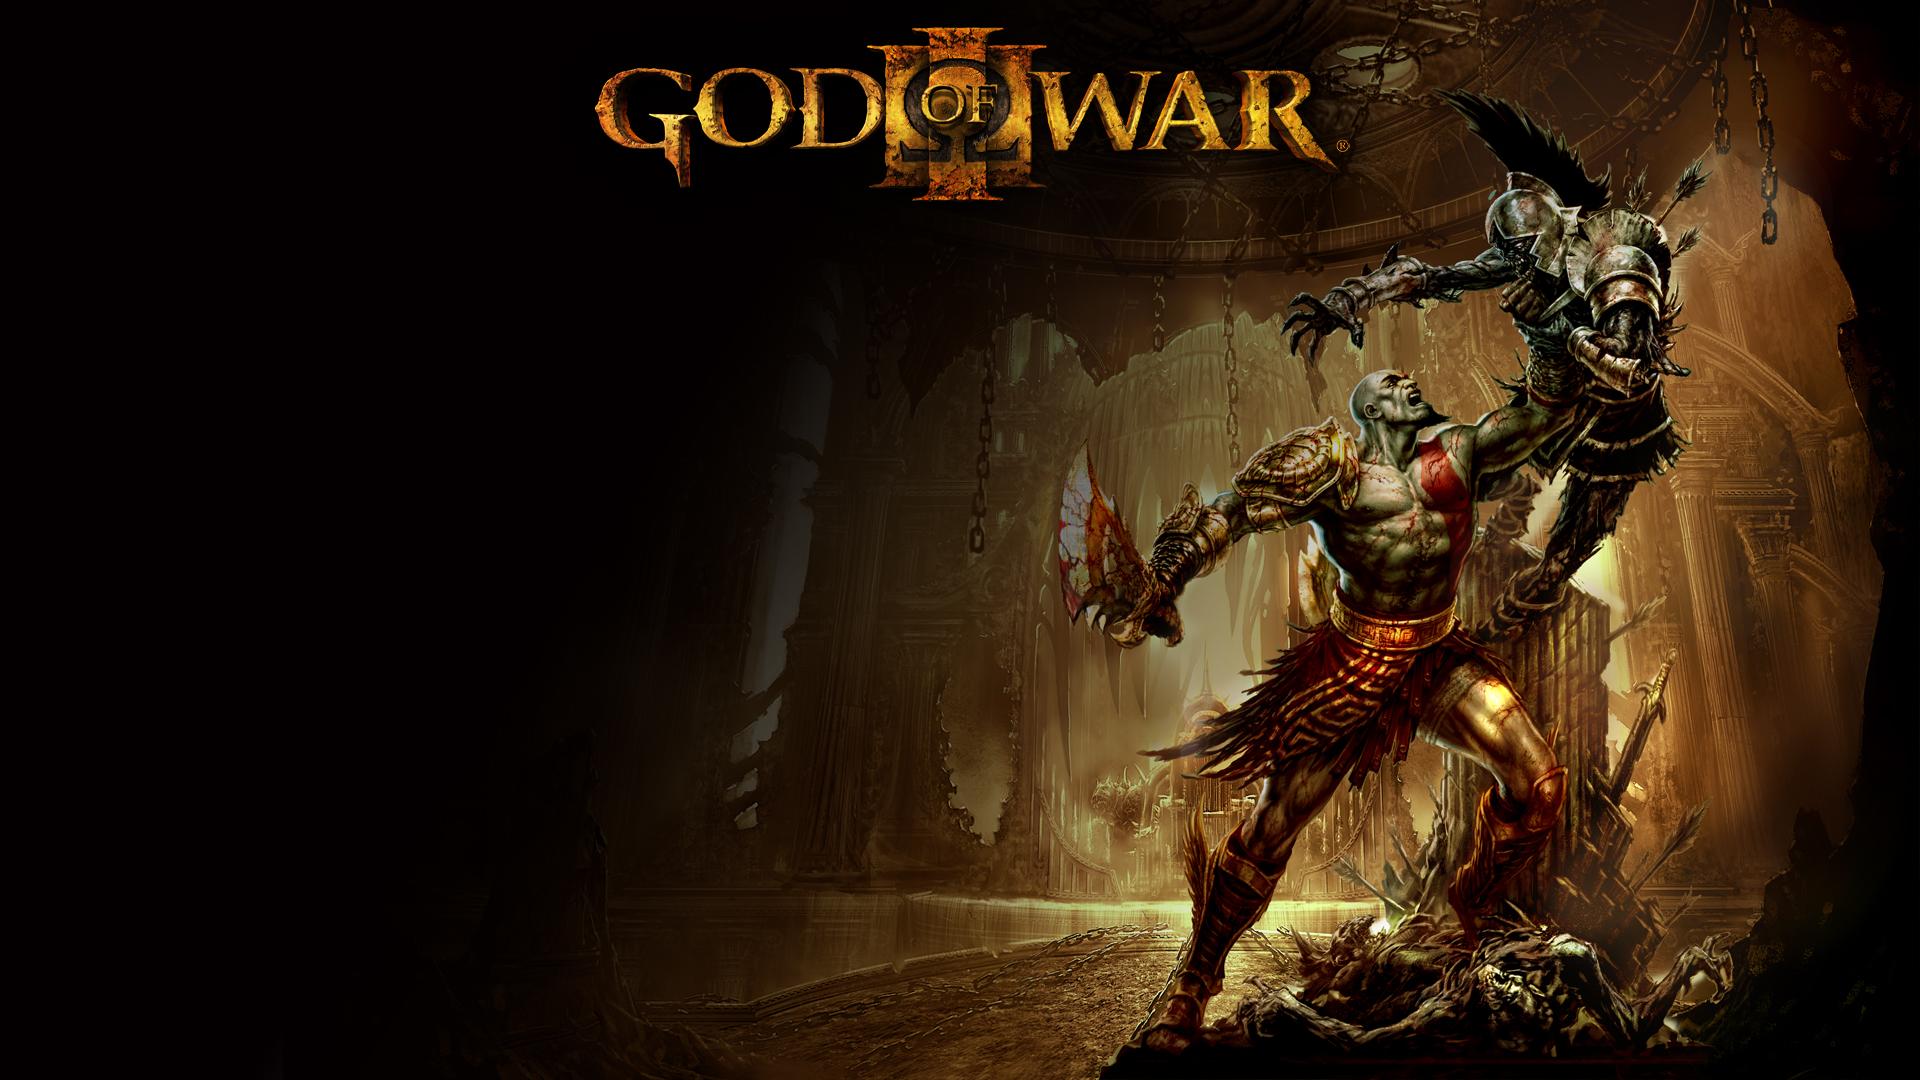 God of War 3 Wallpaper God of War 3 Imagenes de God